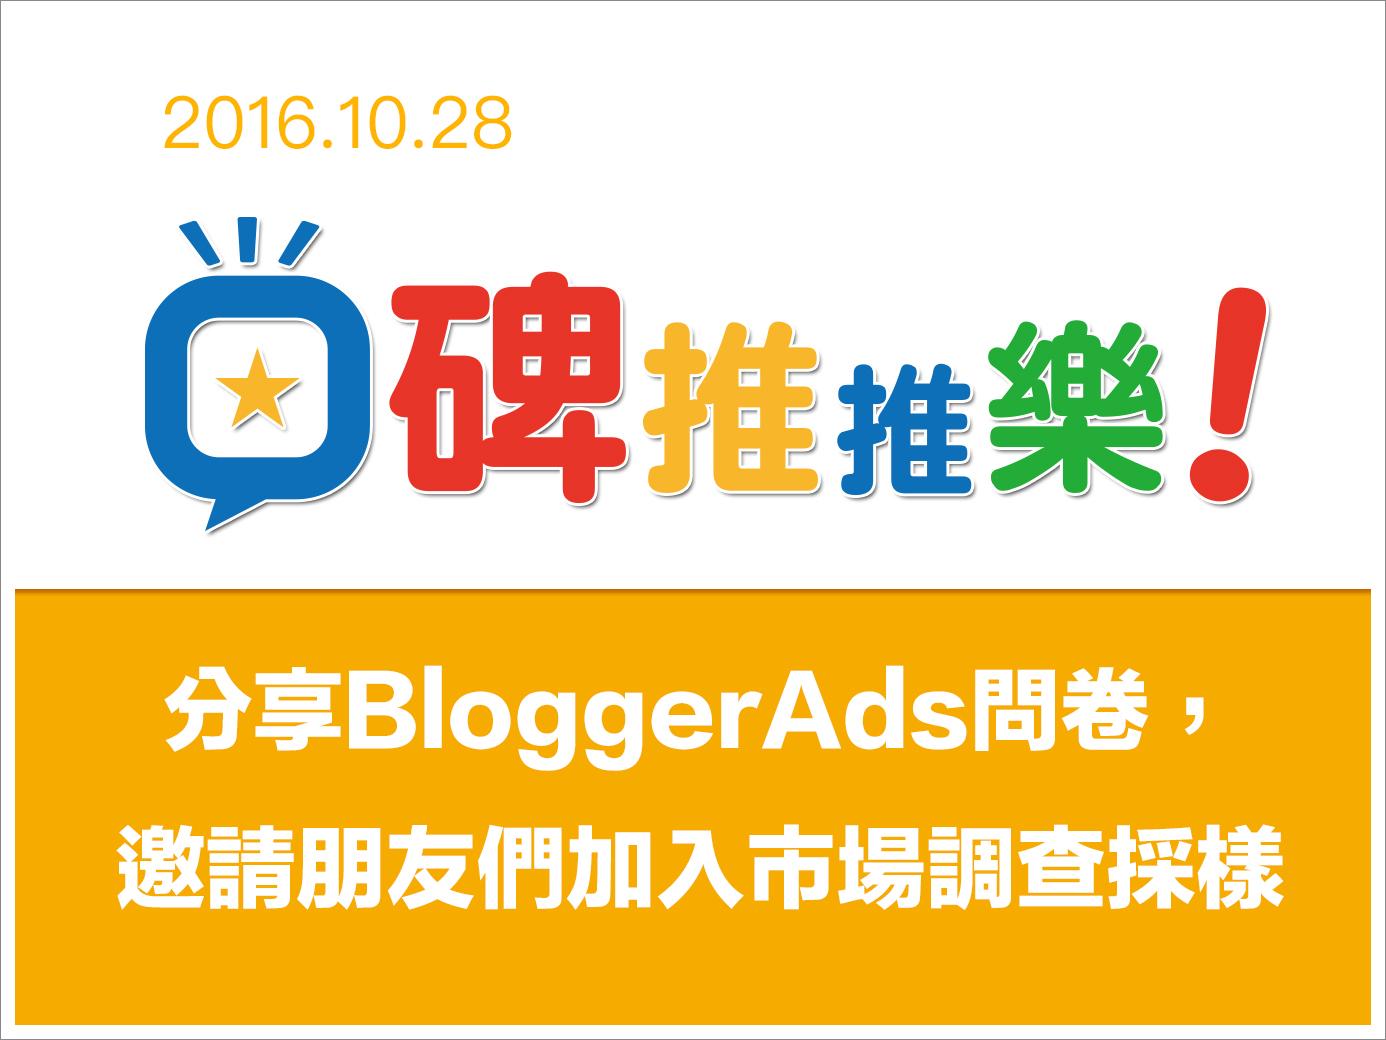 分享BloggerAds問卷,邀請朋友們加入市場調查分析採樣